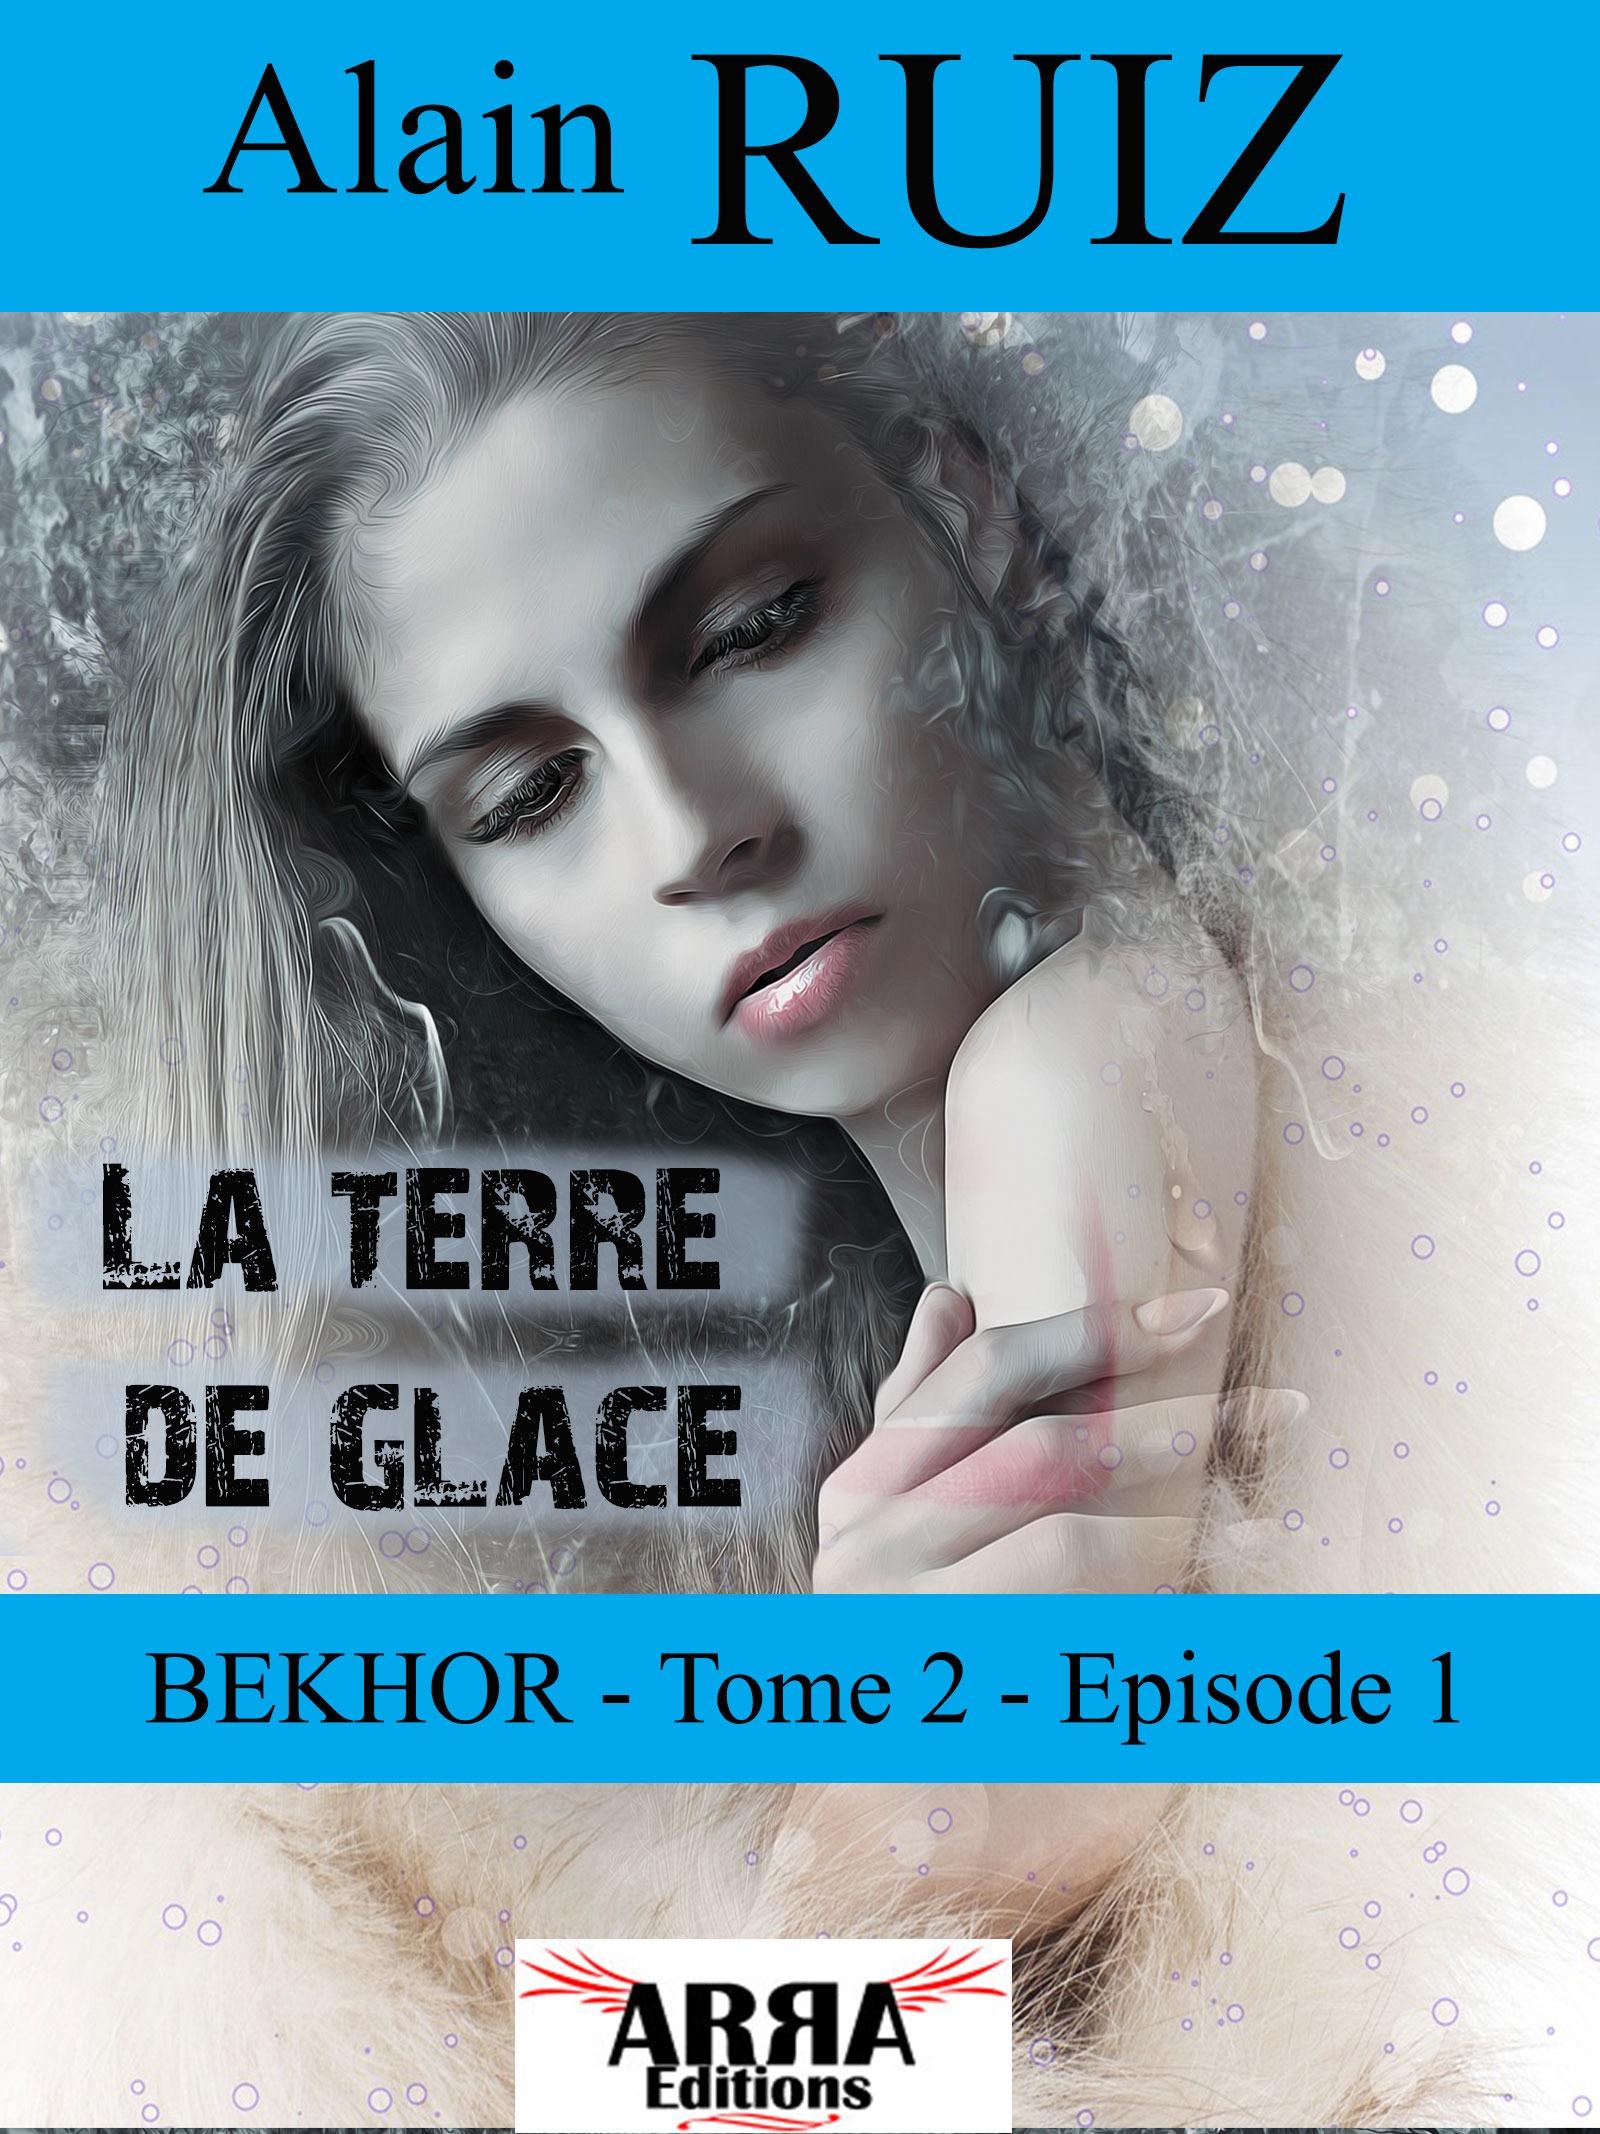 La terre de glace, tome 2 épisode 1 (Bekhor)